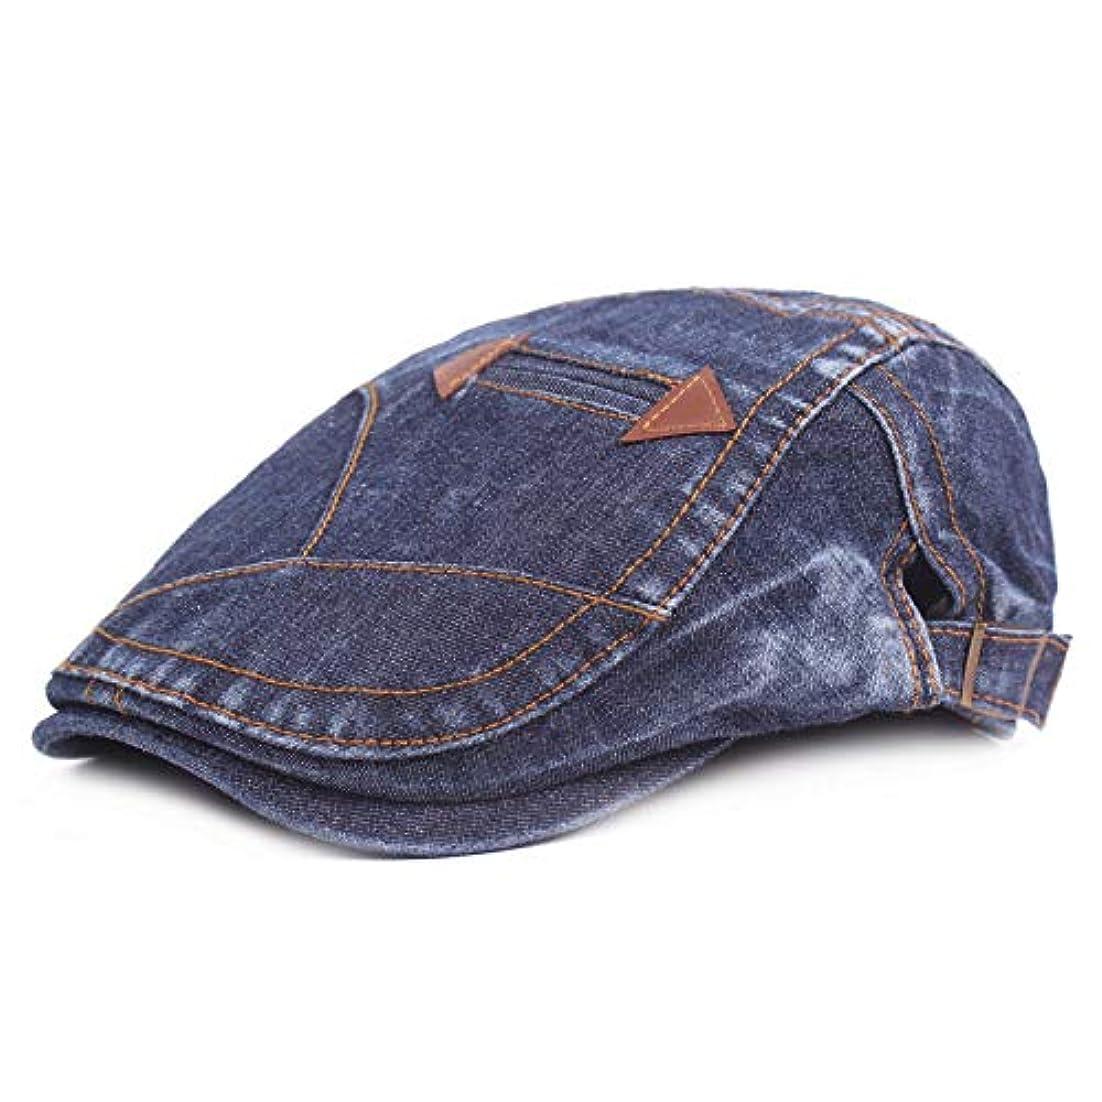 値する致死一貫したベレー帽 ユニセックス おしゃれ 綿 ハンチング帽子 紫外線対策調節可能 日よけ 帽子